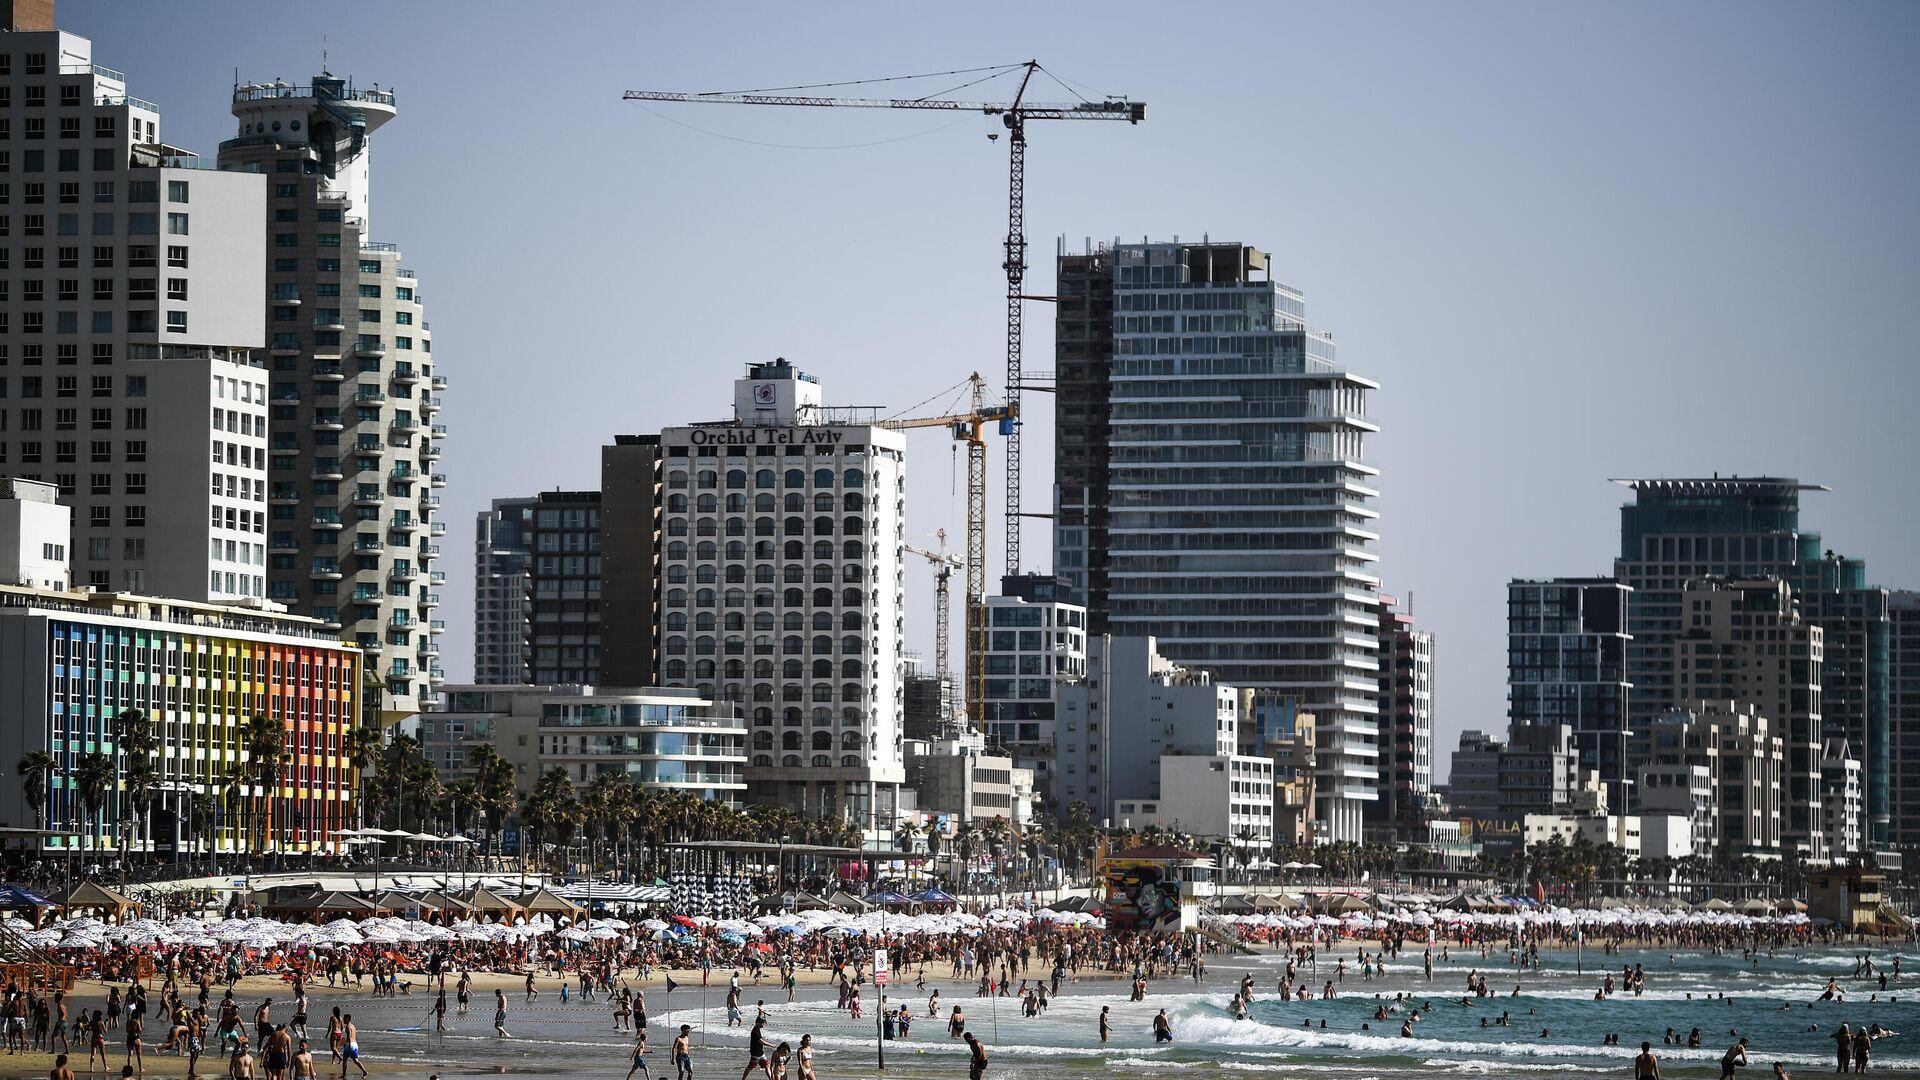 Отдыхающие на пляже в Тель-Авиве - РИА Новости, 1920, 15.06.2021